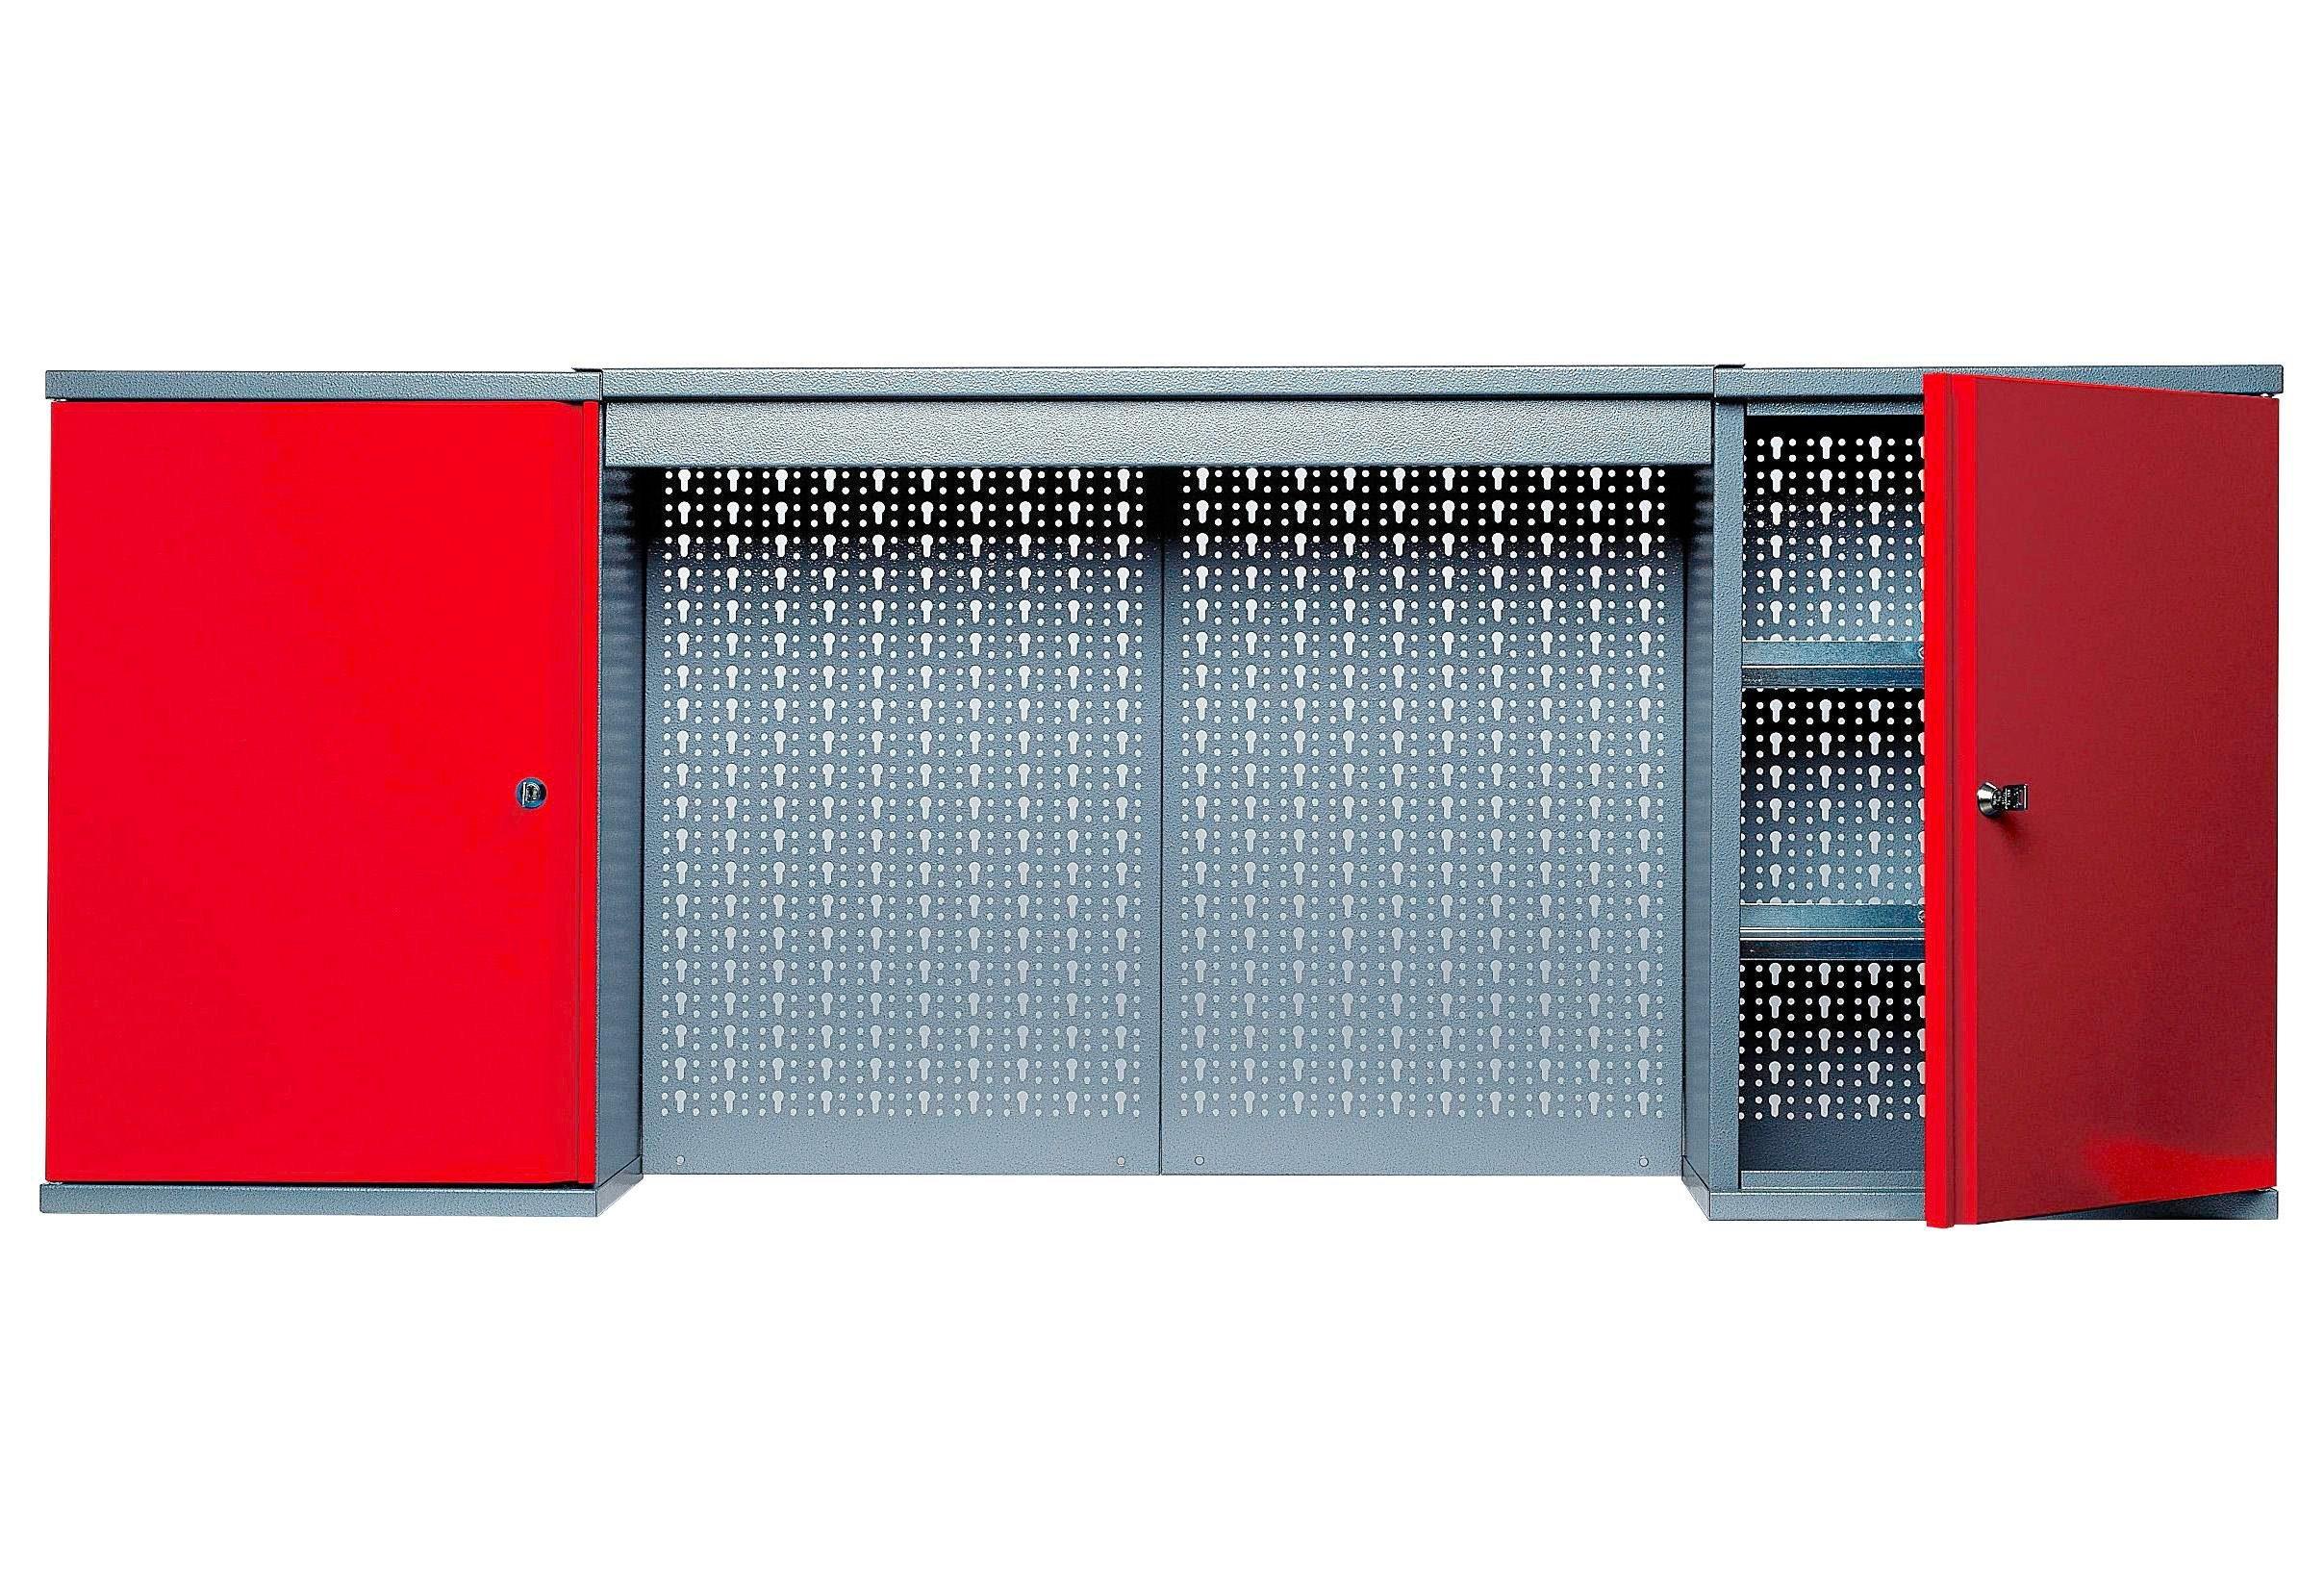 Küpper Hängeschrank mit Lichtblende, 2 Türen, 4 Einlegeböden, in rot